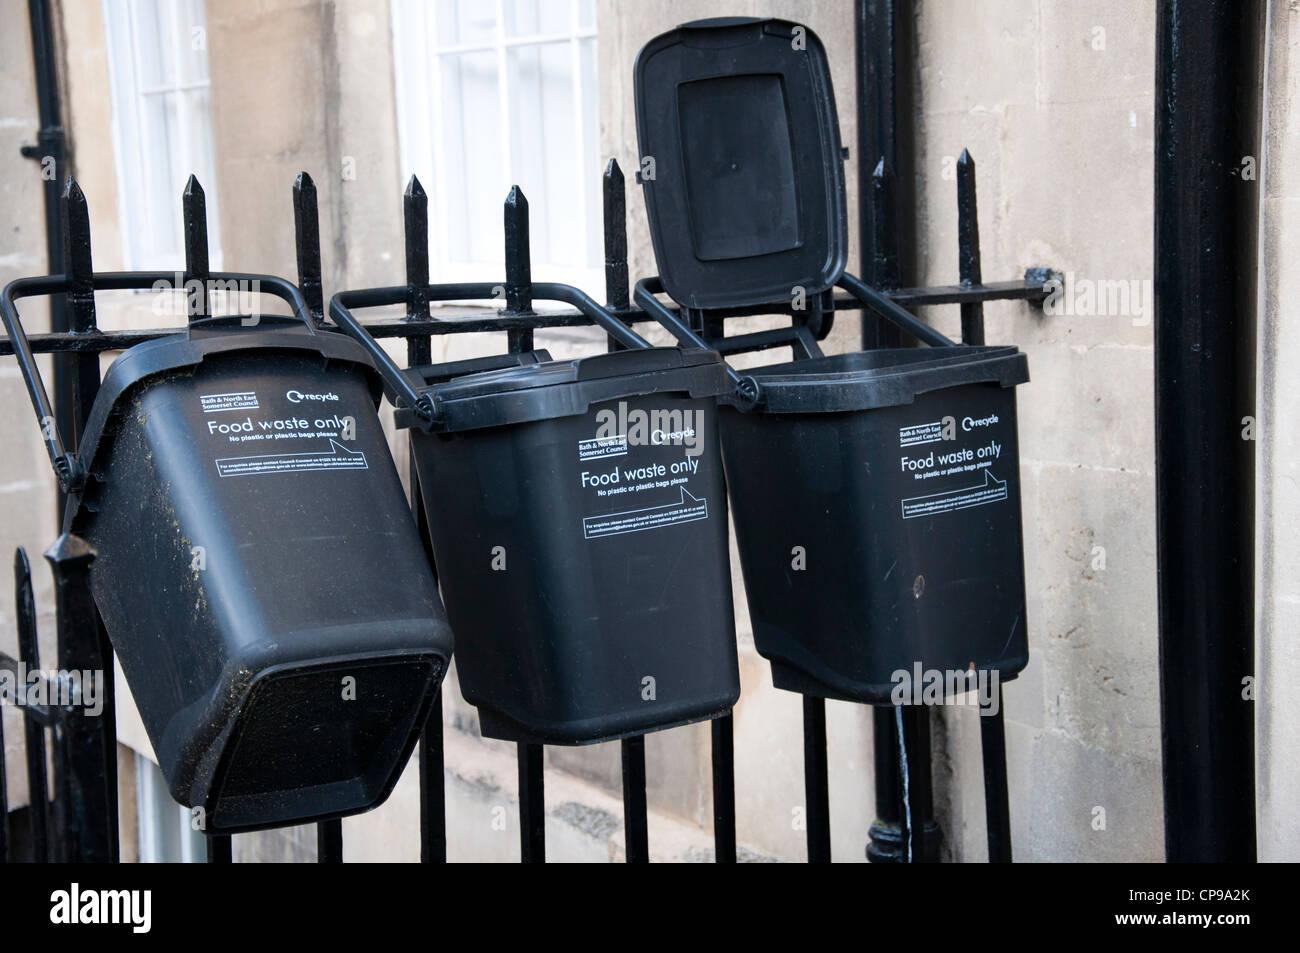 Cestini Rifiuti Da Bagno : I rifiuti alimentari gli appositi cestini da bagno & north east